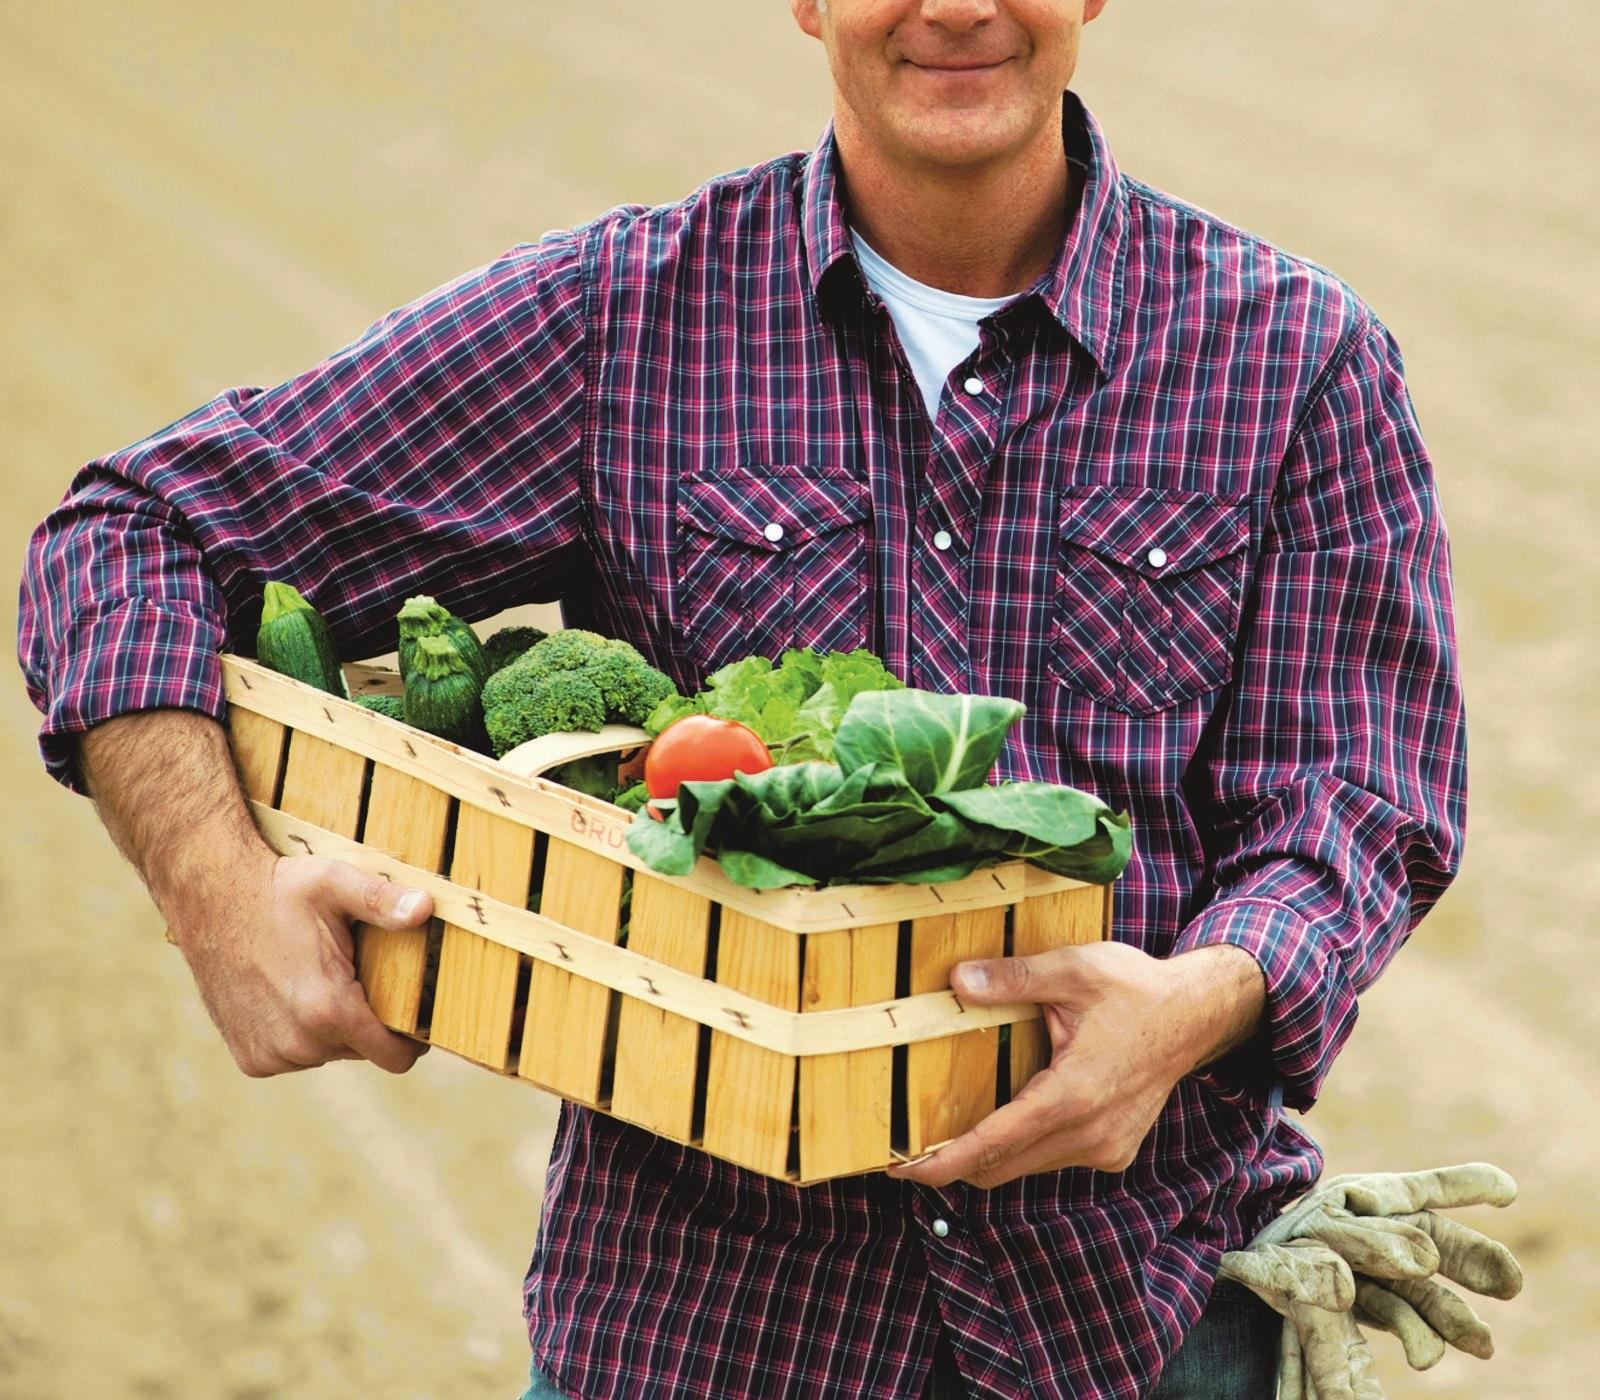 Mercato ortofrutticolo Cesena, agricoltori  a lezione dai ricercatori